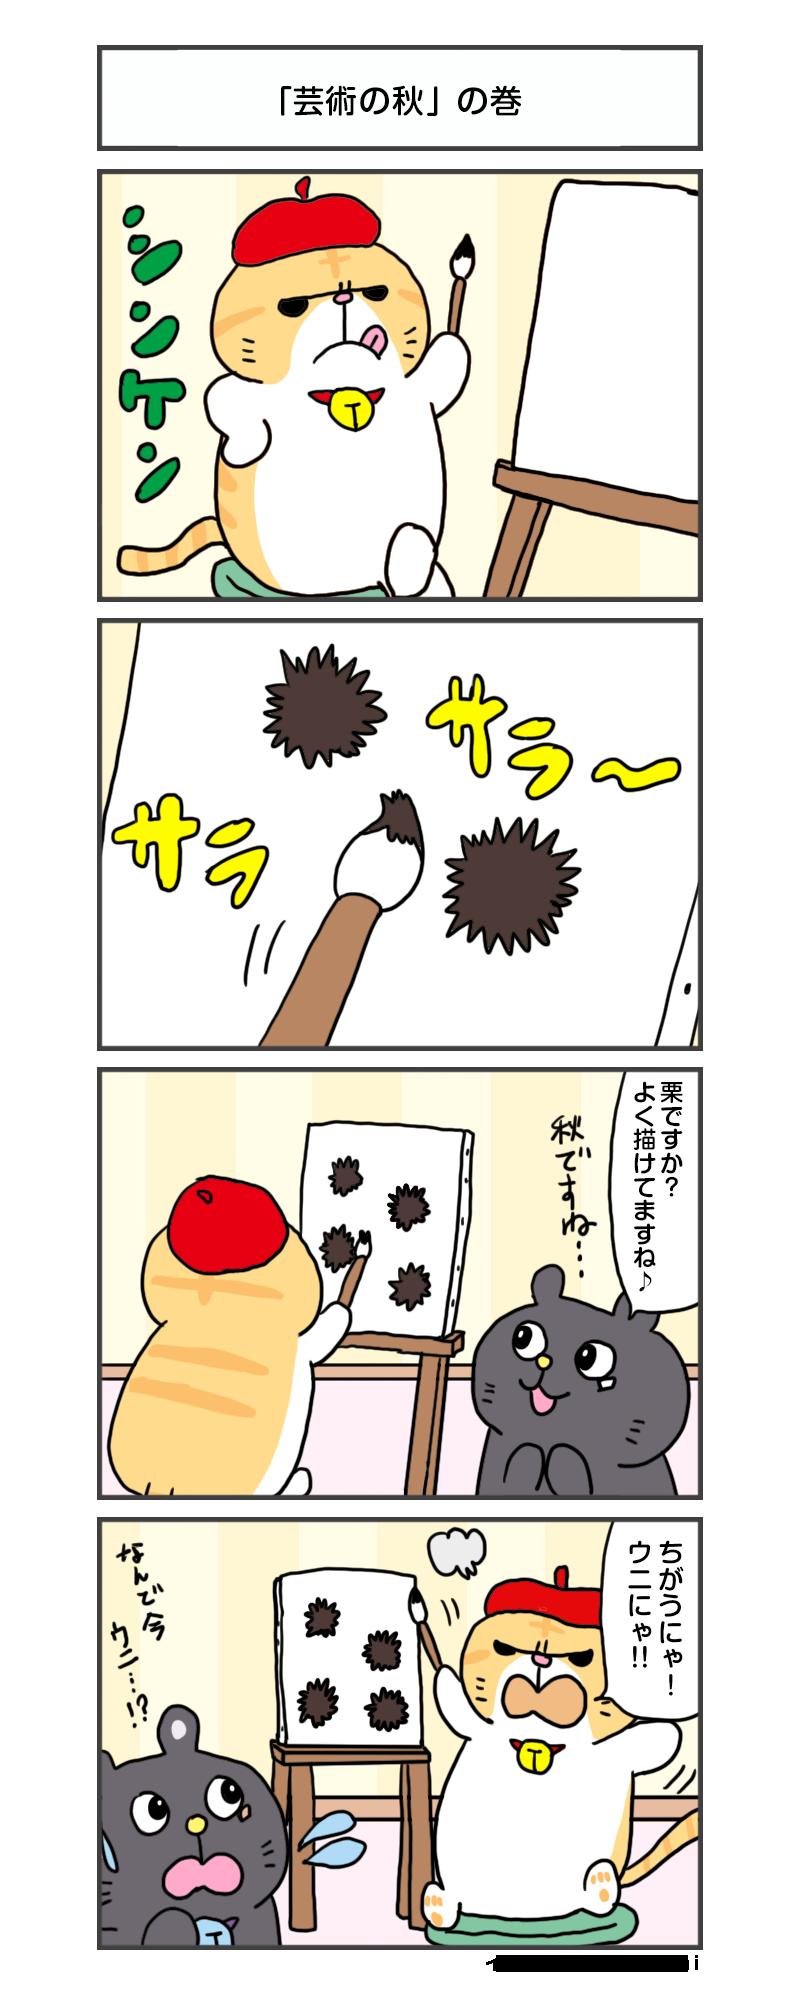 えきぞうmanga_vol.273